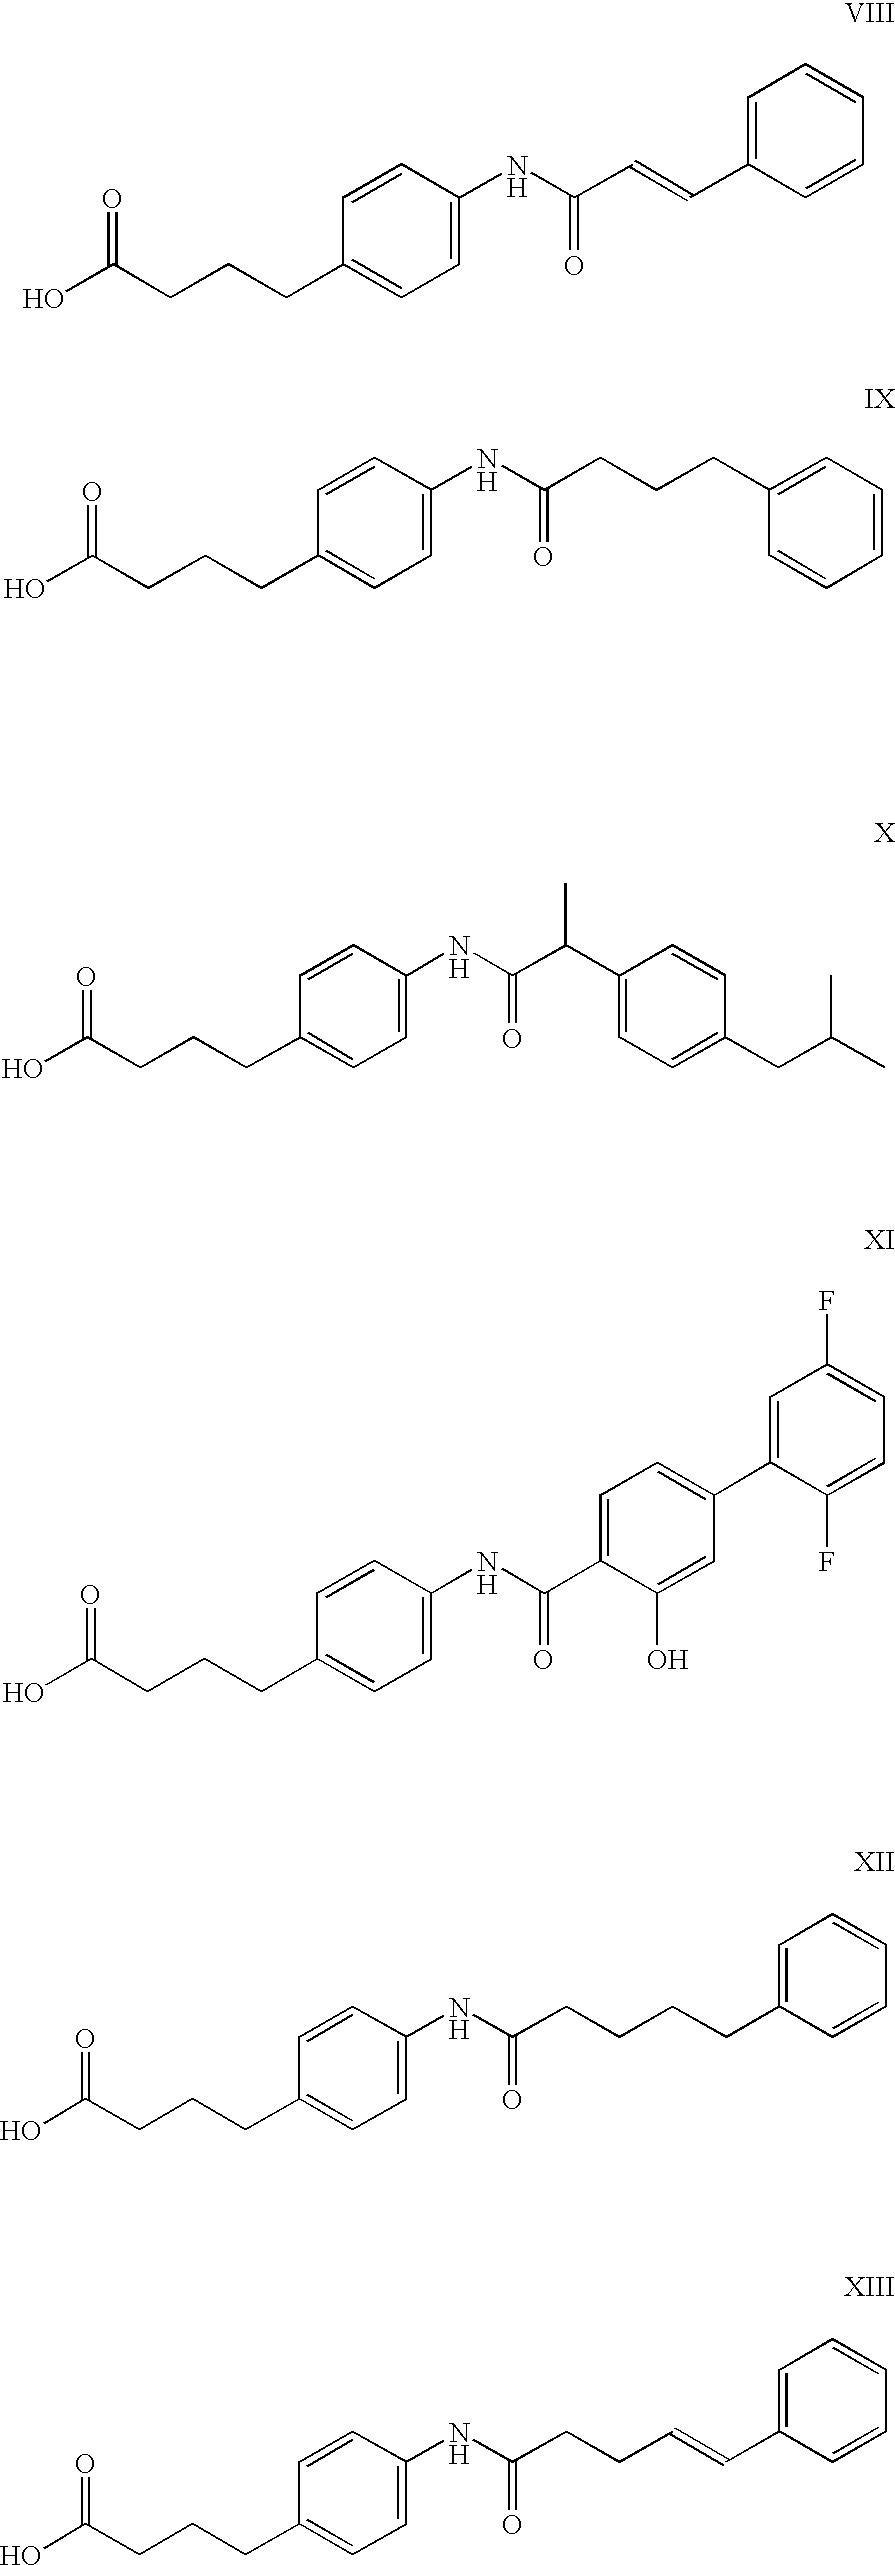 Figure US06663887-20031216-C00002